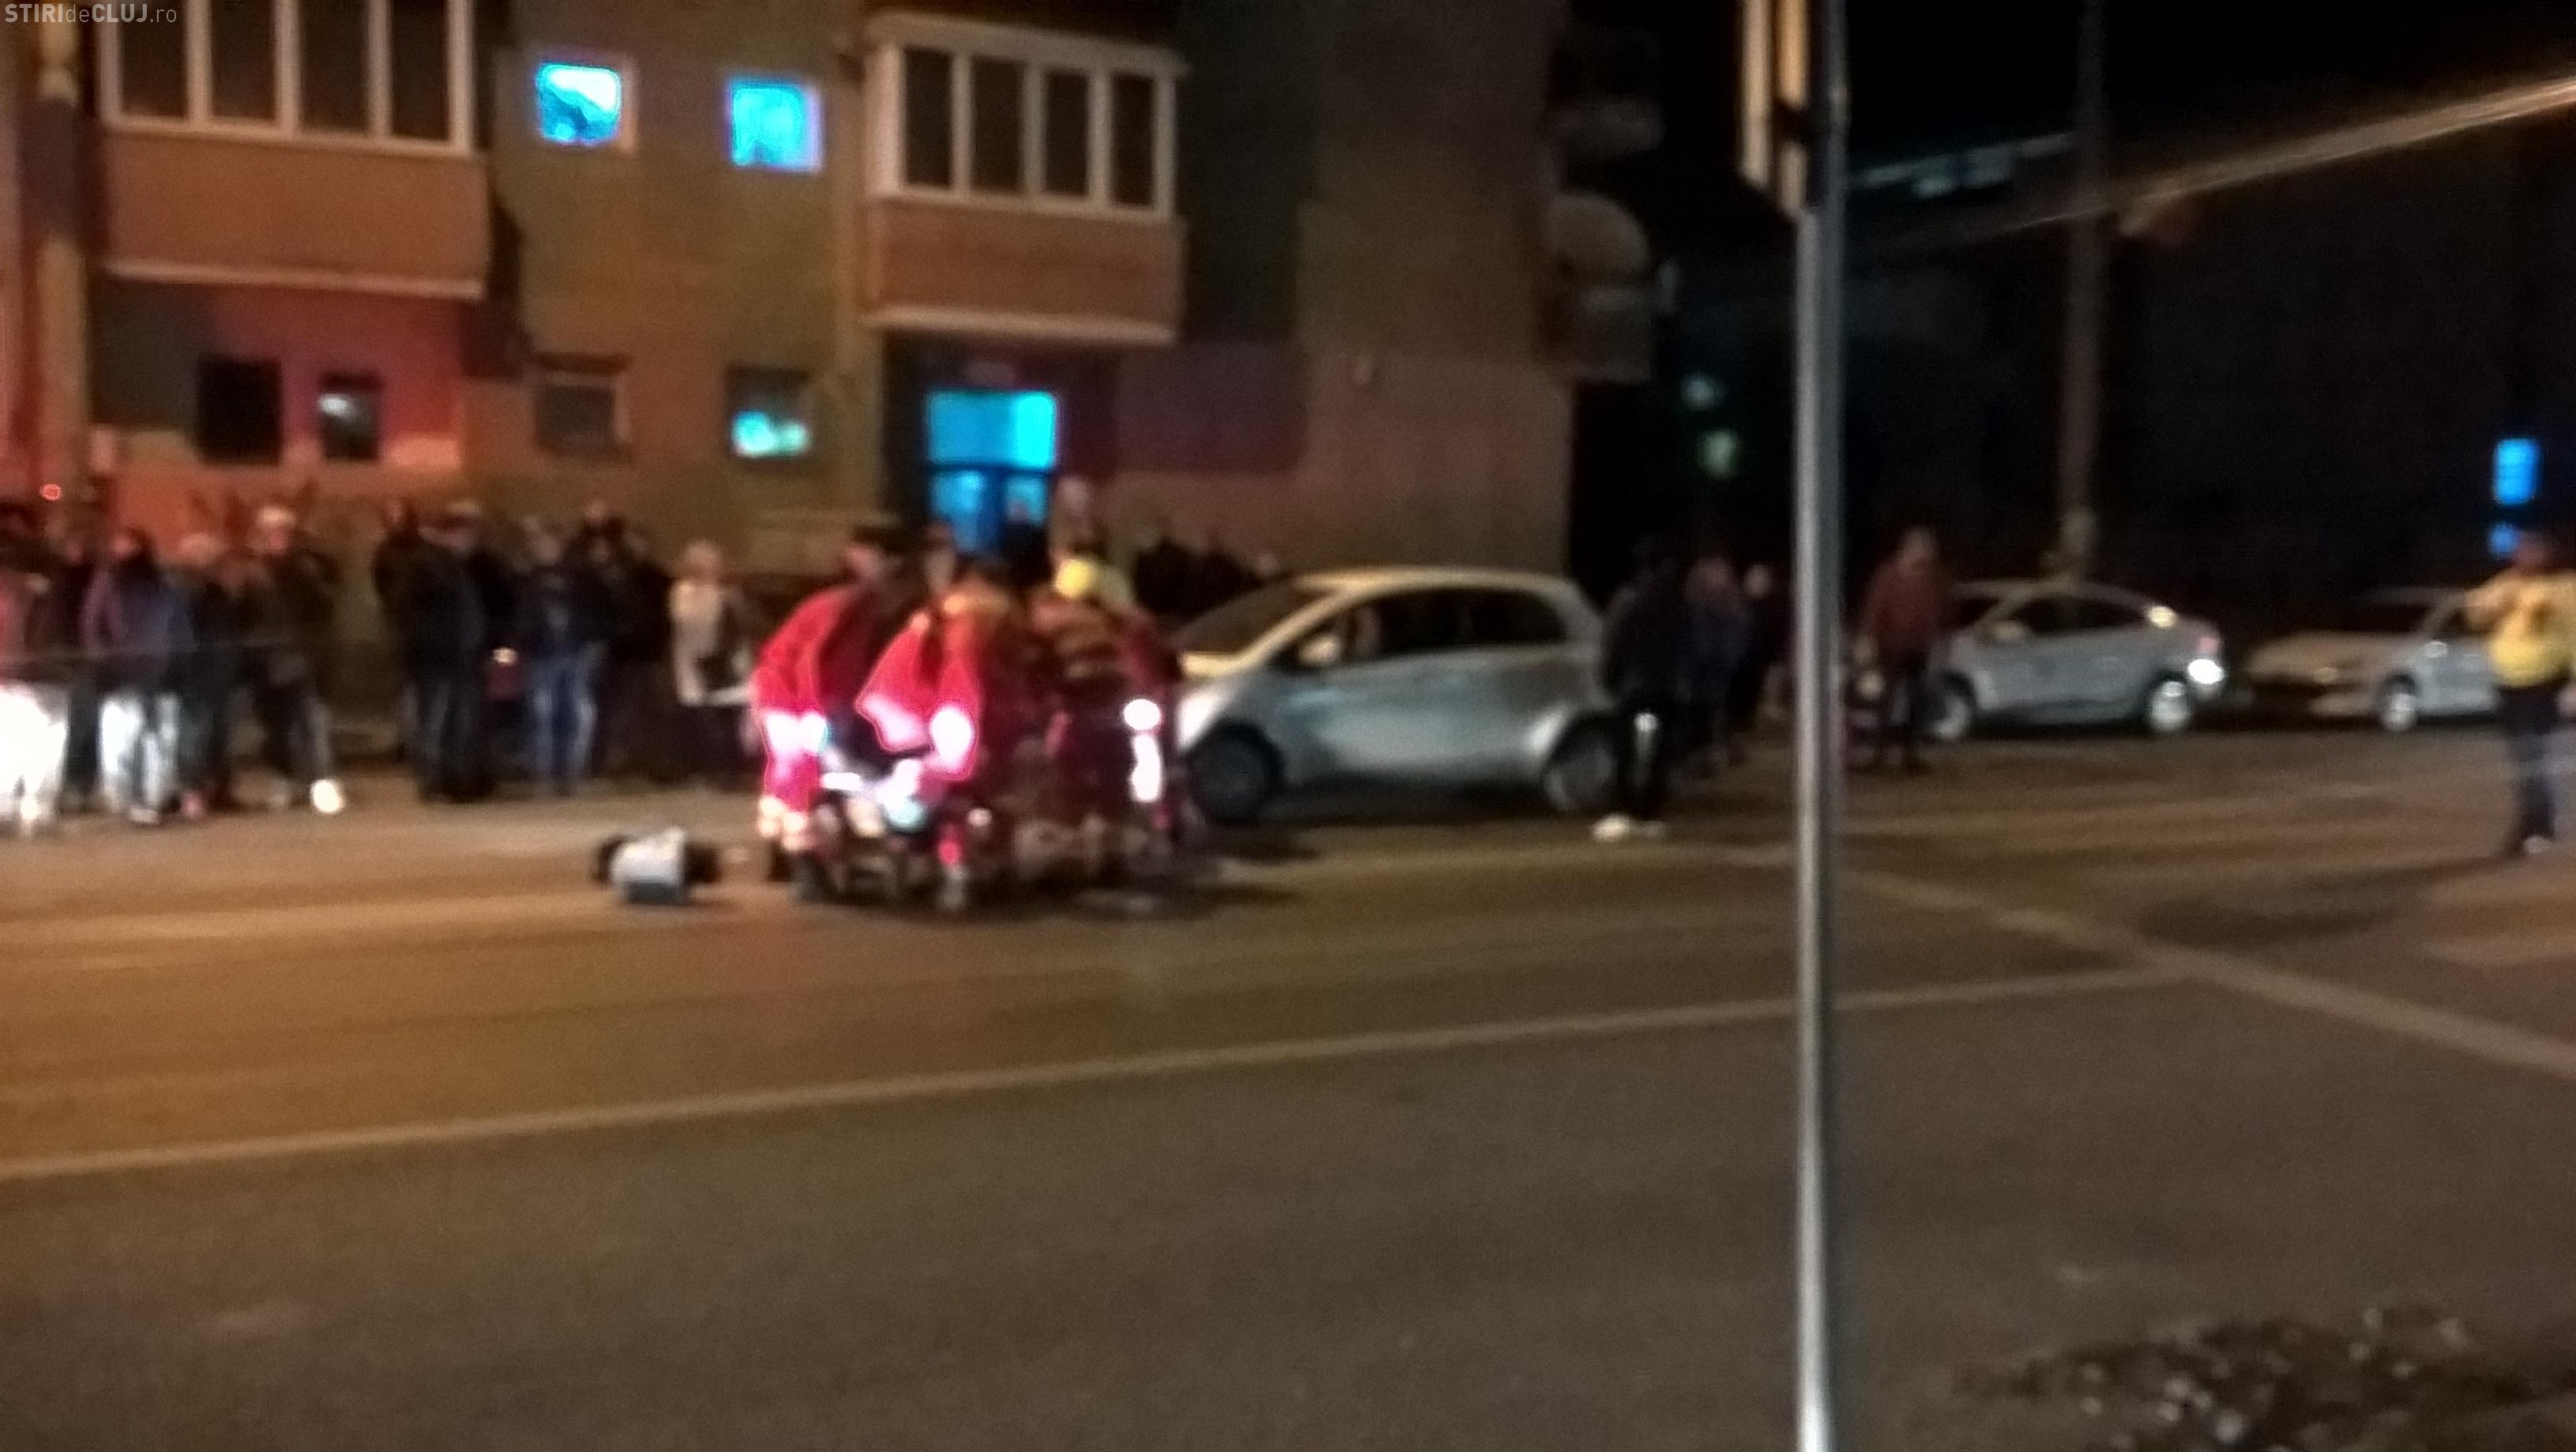 Pieton accidentat grav pe Bulevardul Muncii. O șoferiță l-a lovit în timp ce traversa strada VIDEO